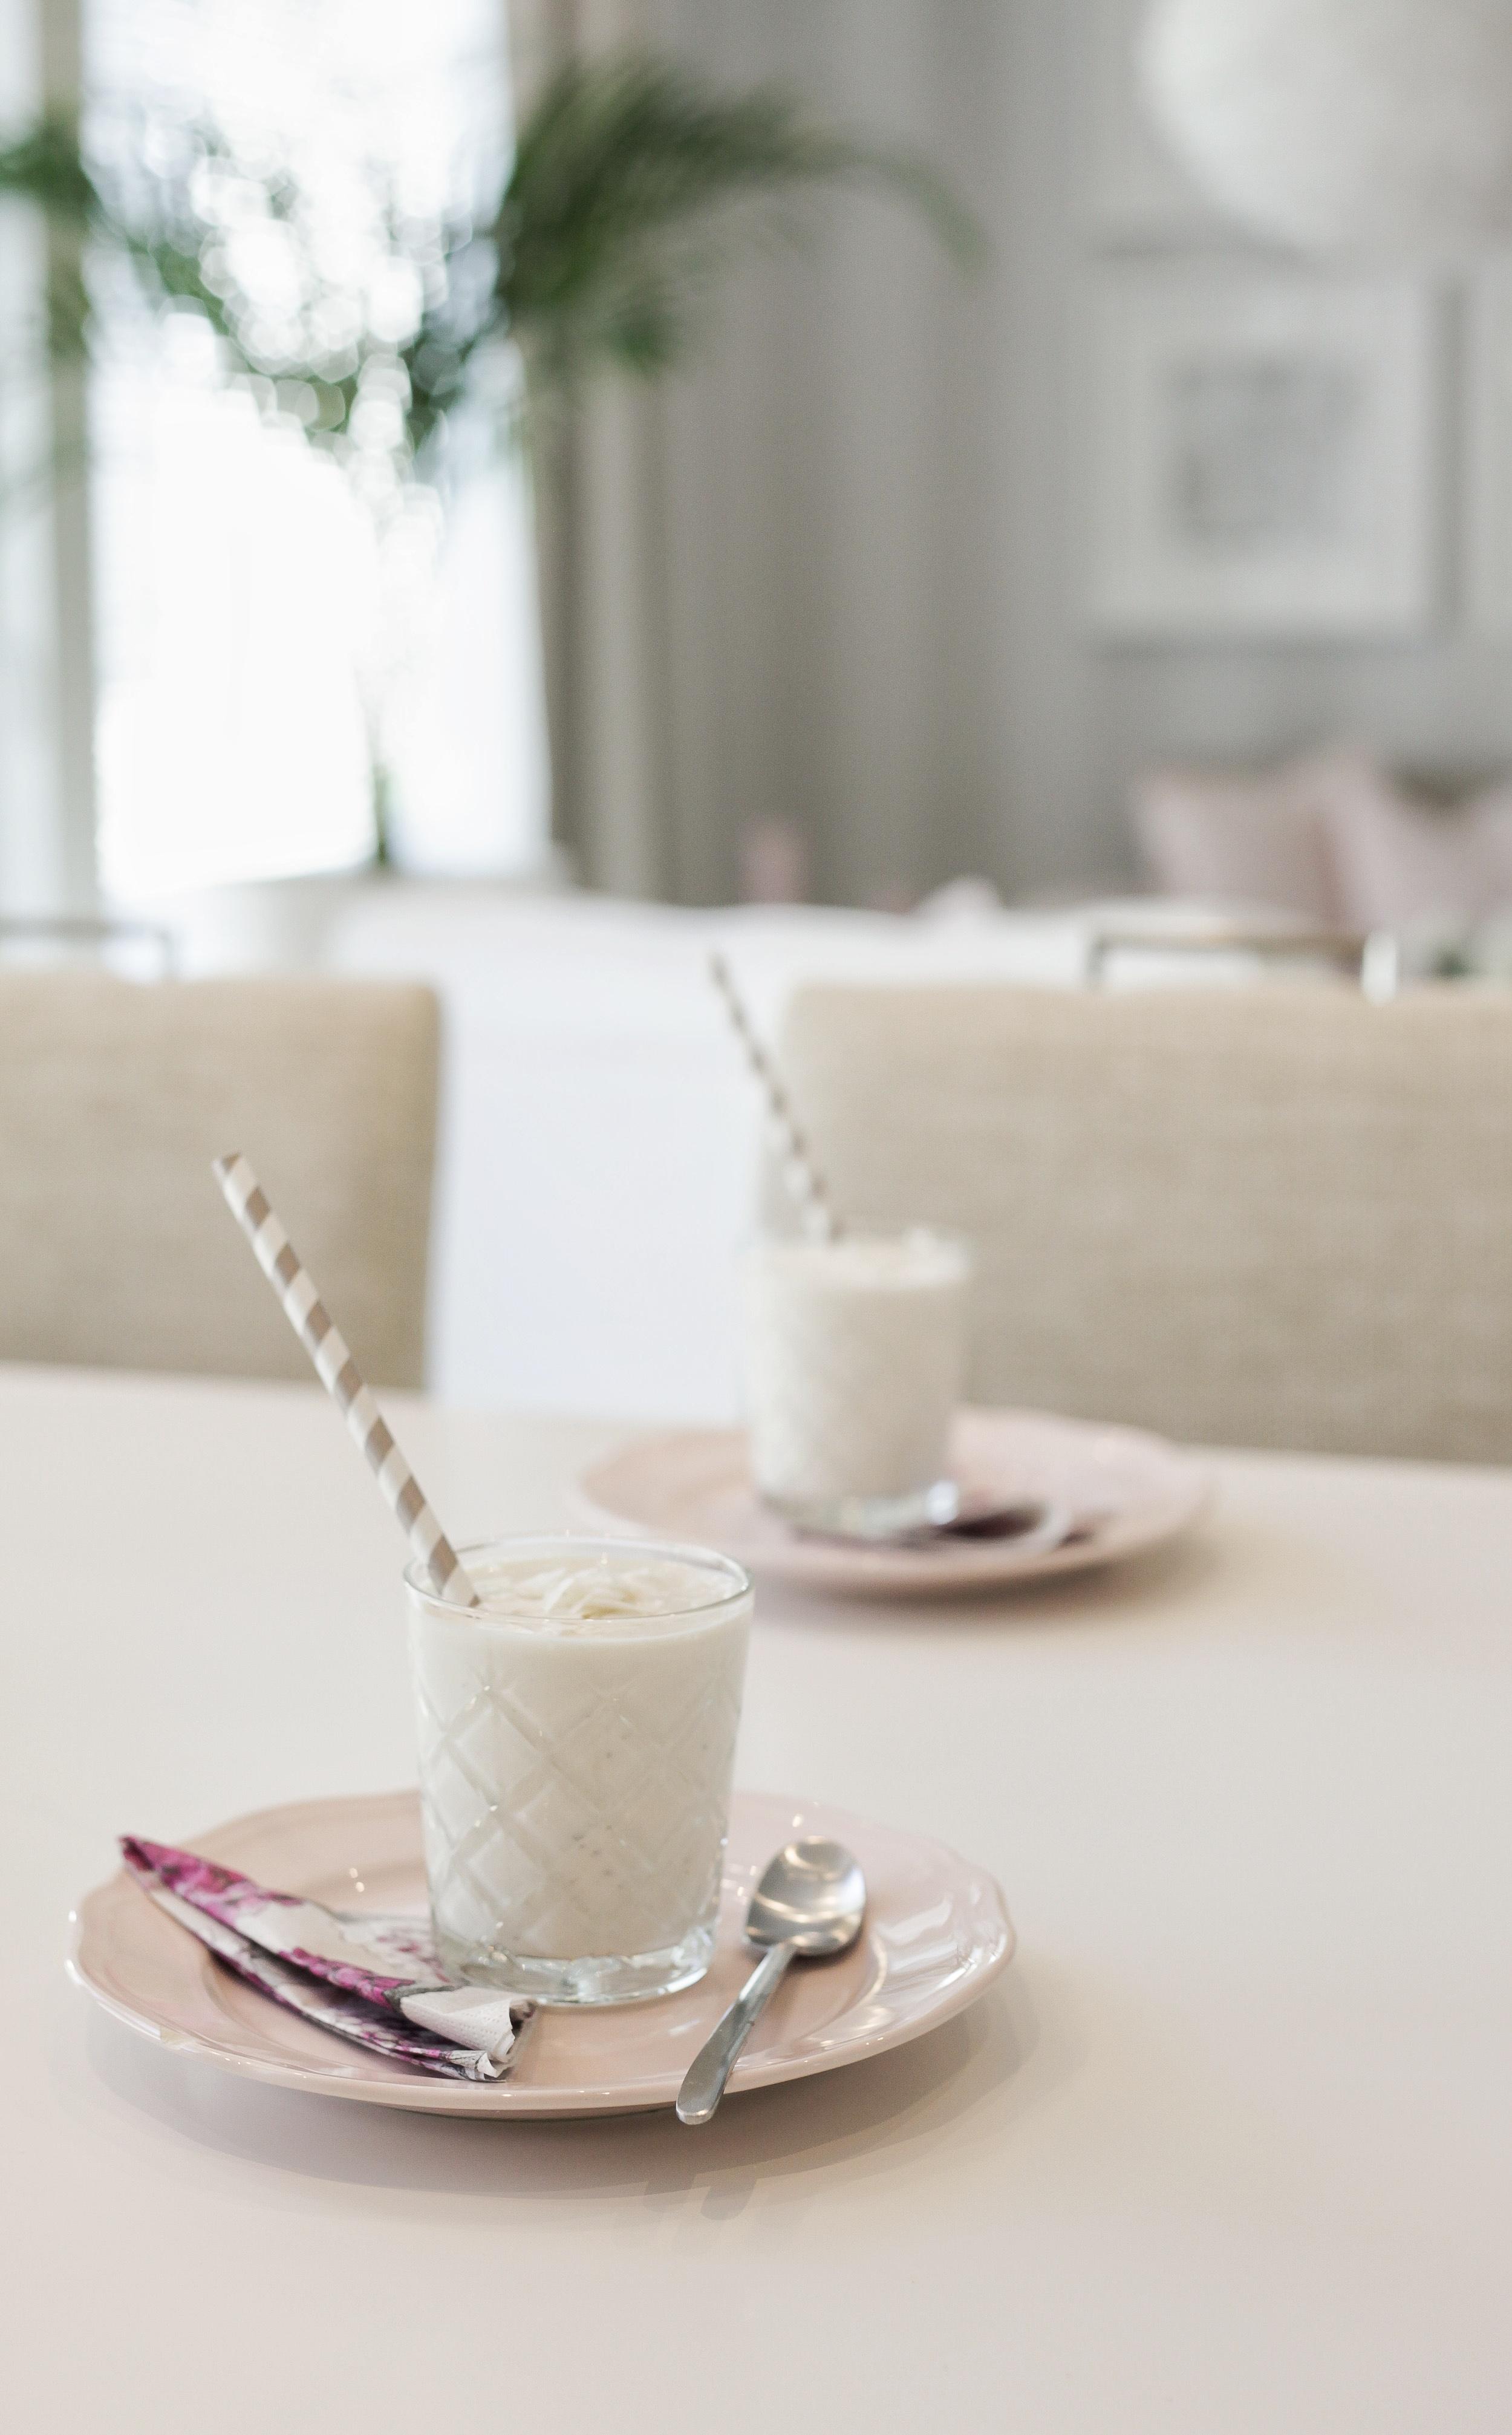 kookos smoothie-0204-01